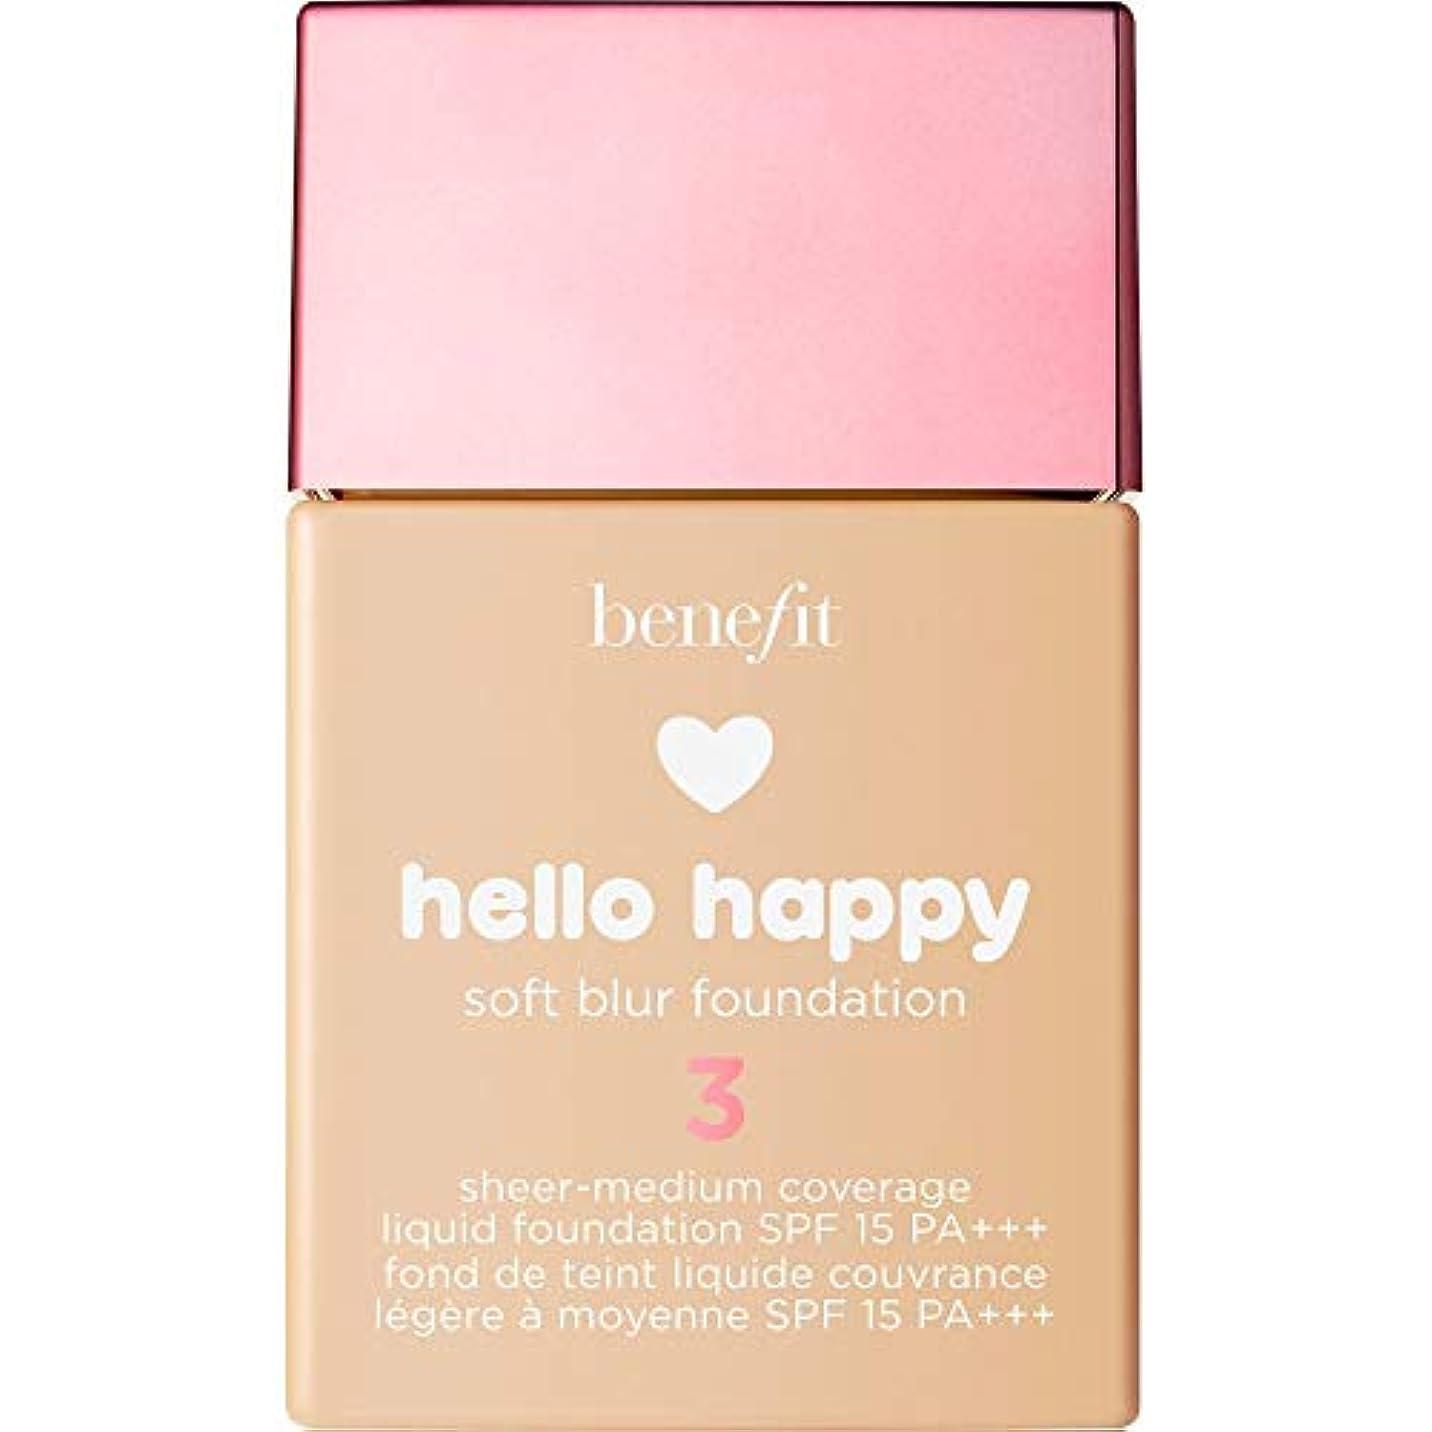 ねばねば勧める絶対に[Benefit ] 利益こんにちは幸せなソフトブラー基礎Spf15 30ミリリットル3 - ニュートラルライト - Benefit Hello Happy Soft Blur Foundation SPF15 30ml...